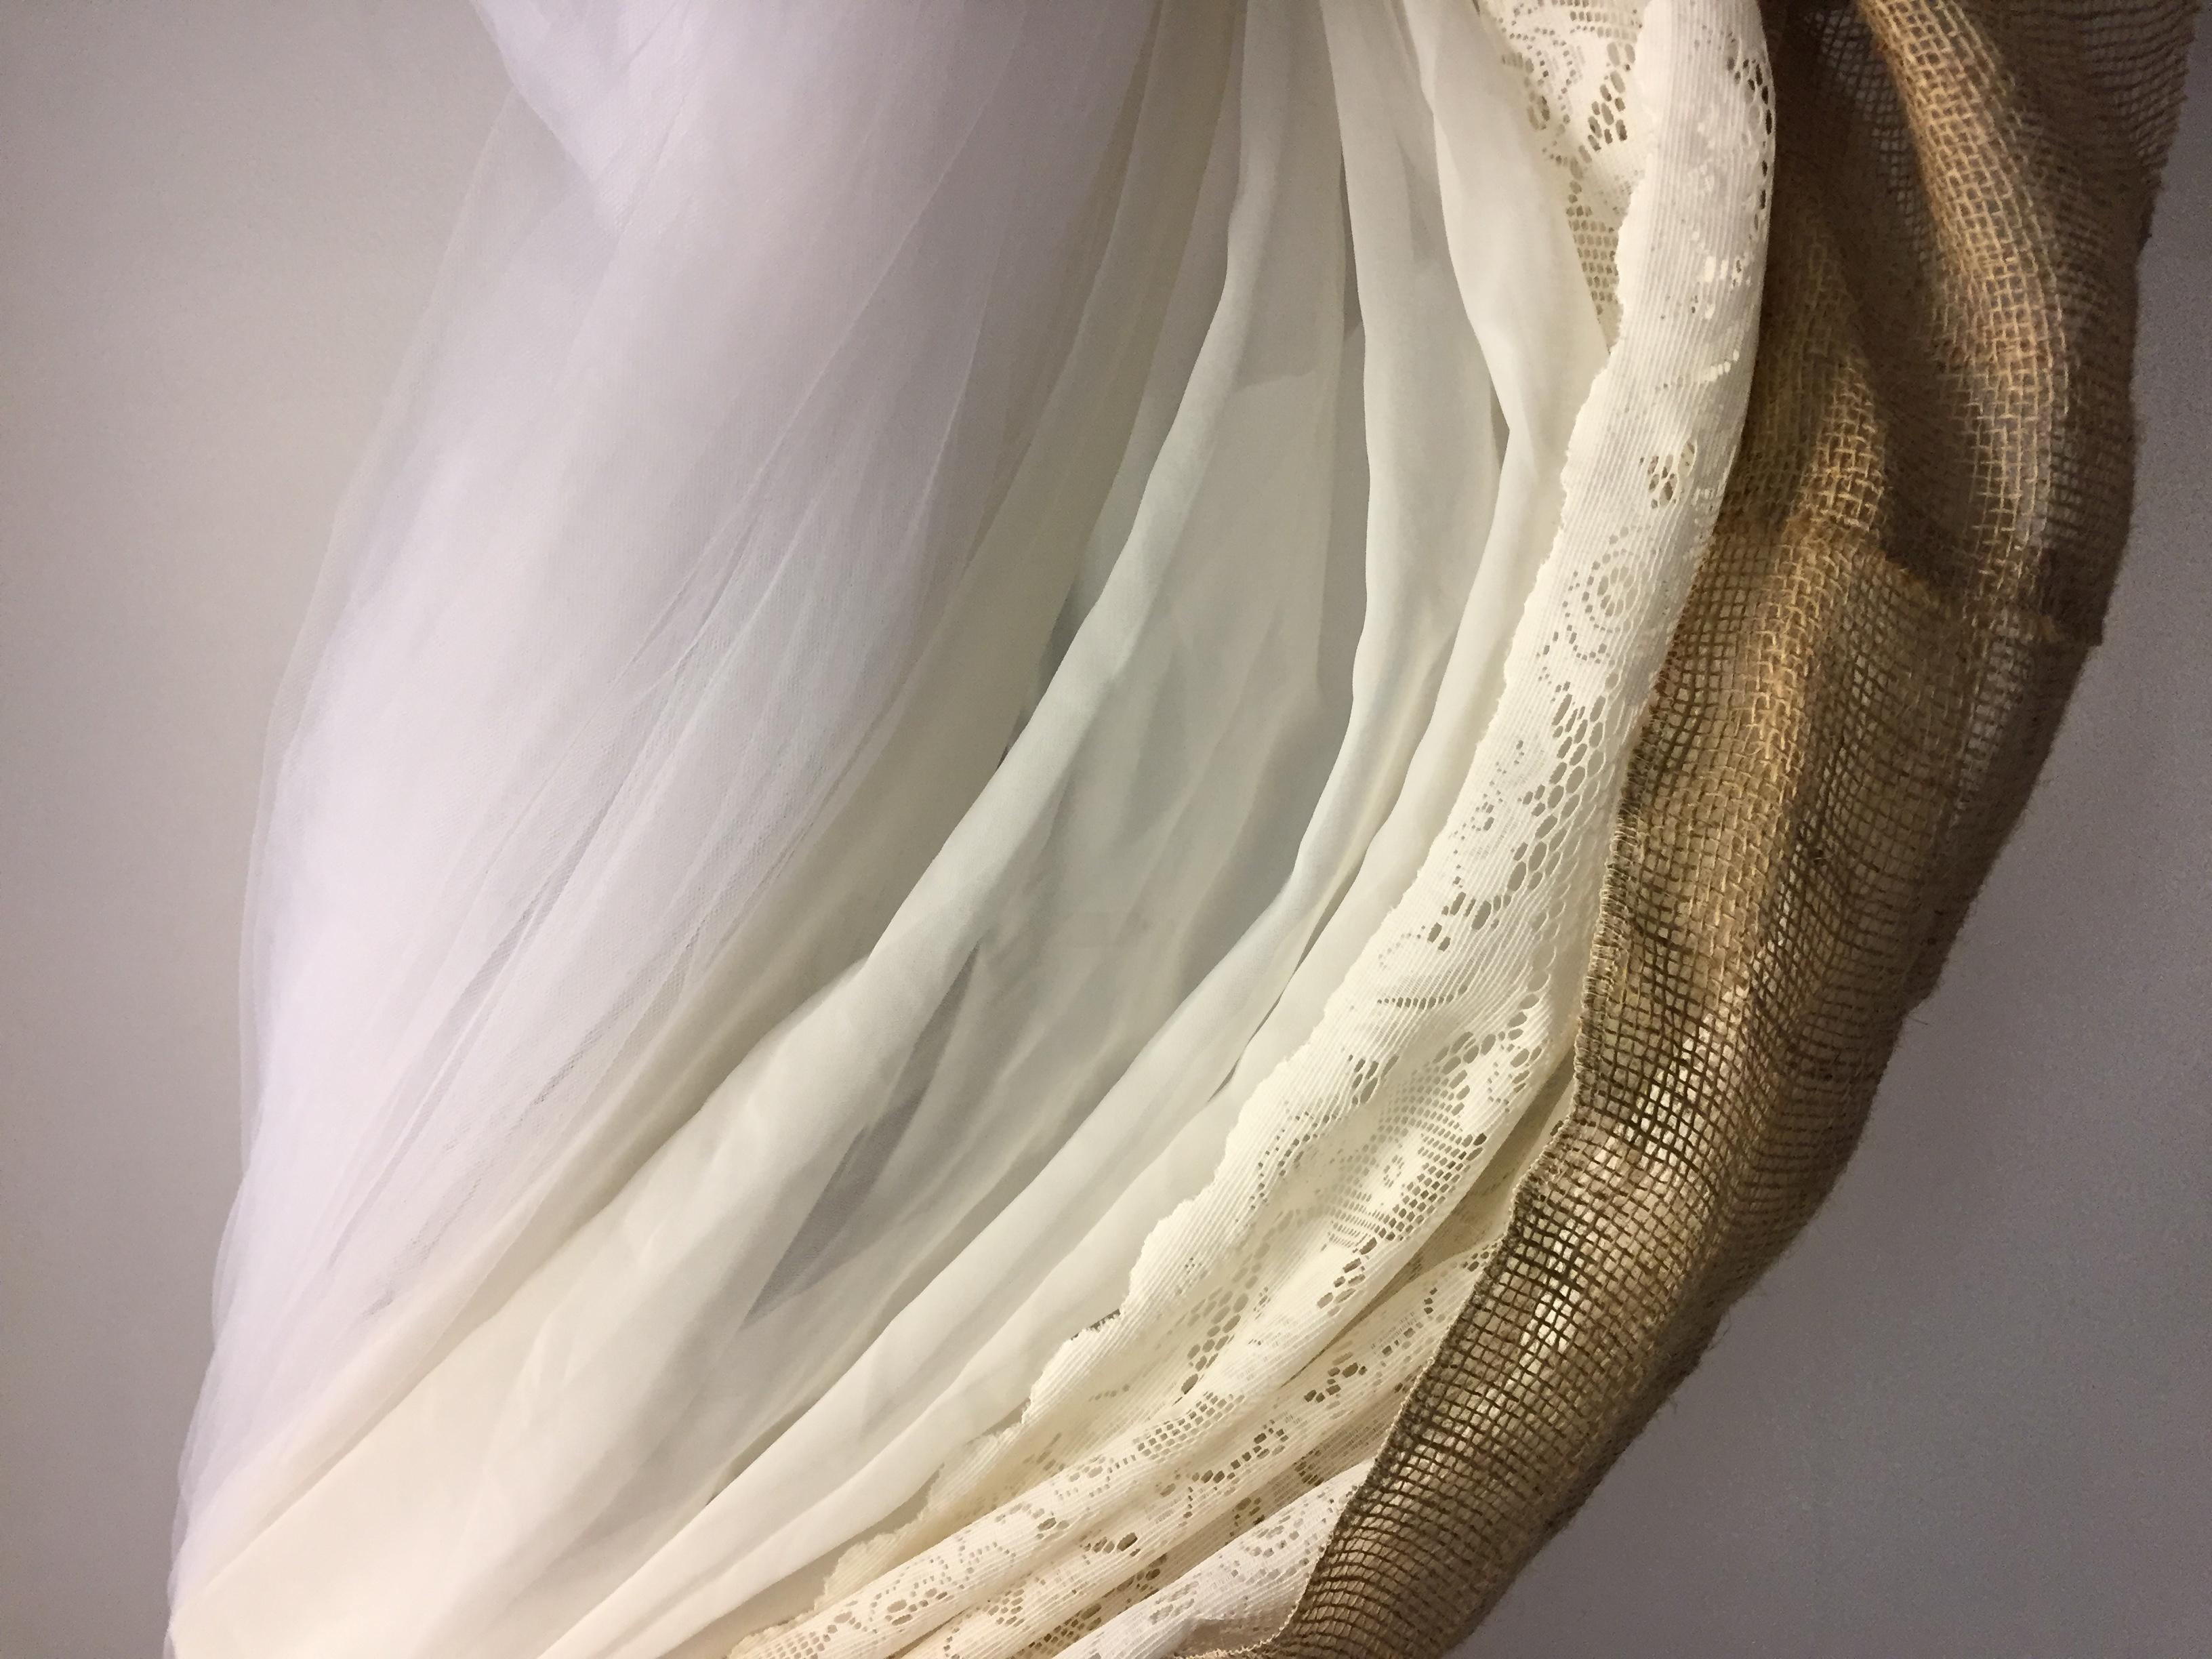 Fabric & Burlap Draping